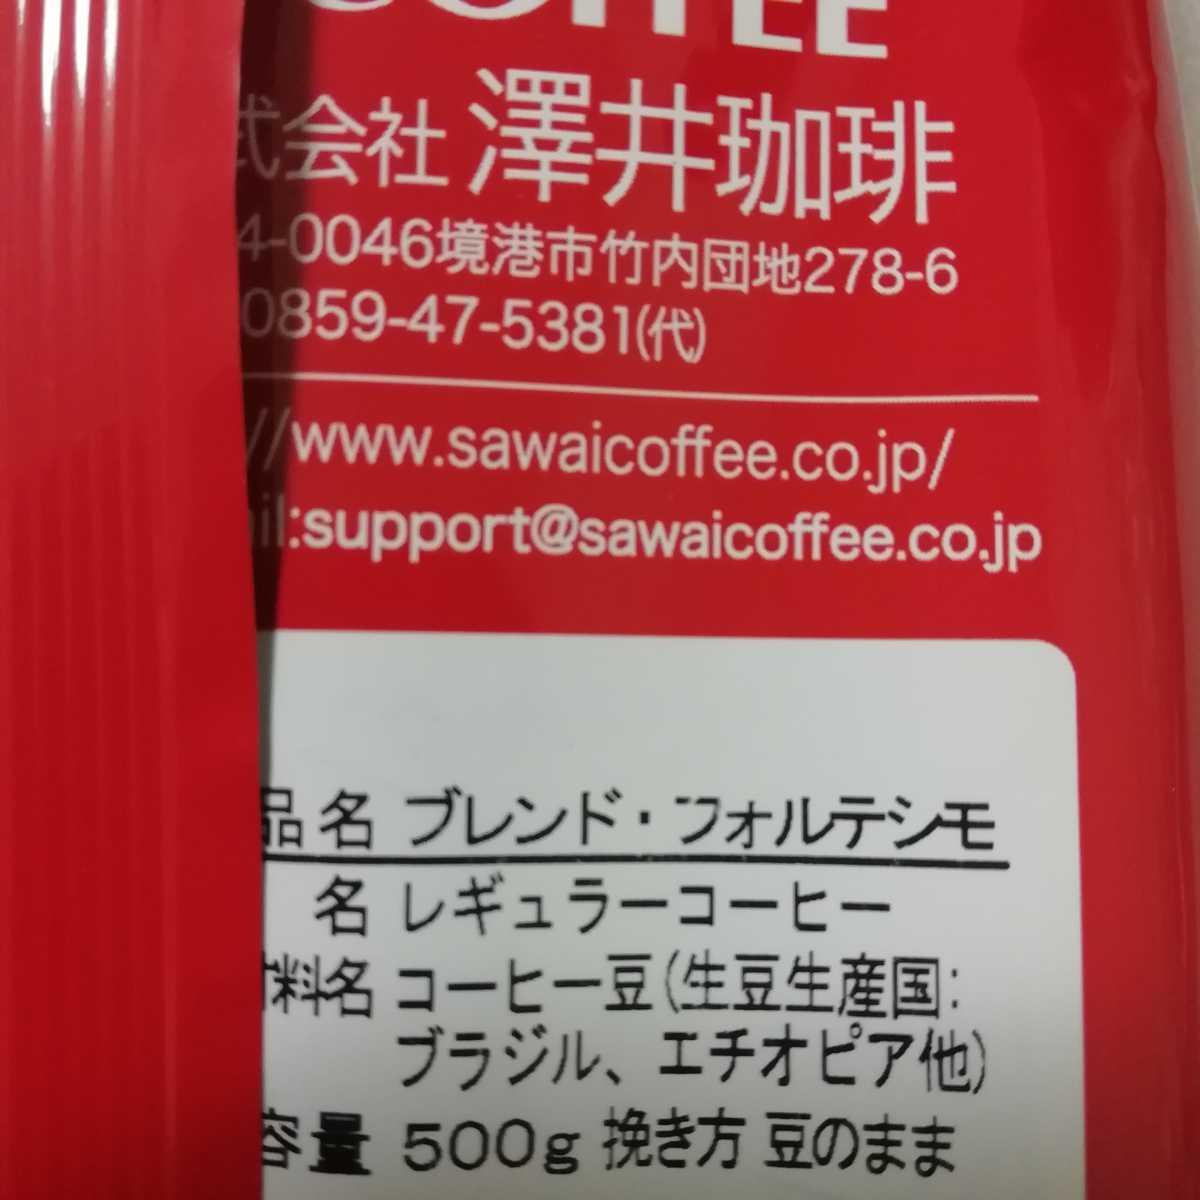 豆のまま ブレンドフォルテシモ 2袋 1kg 1袋500g 澤井珈琲 レギュラーコーヒー 豆の状態 豆 コーヒー コーヒー豆_画像3